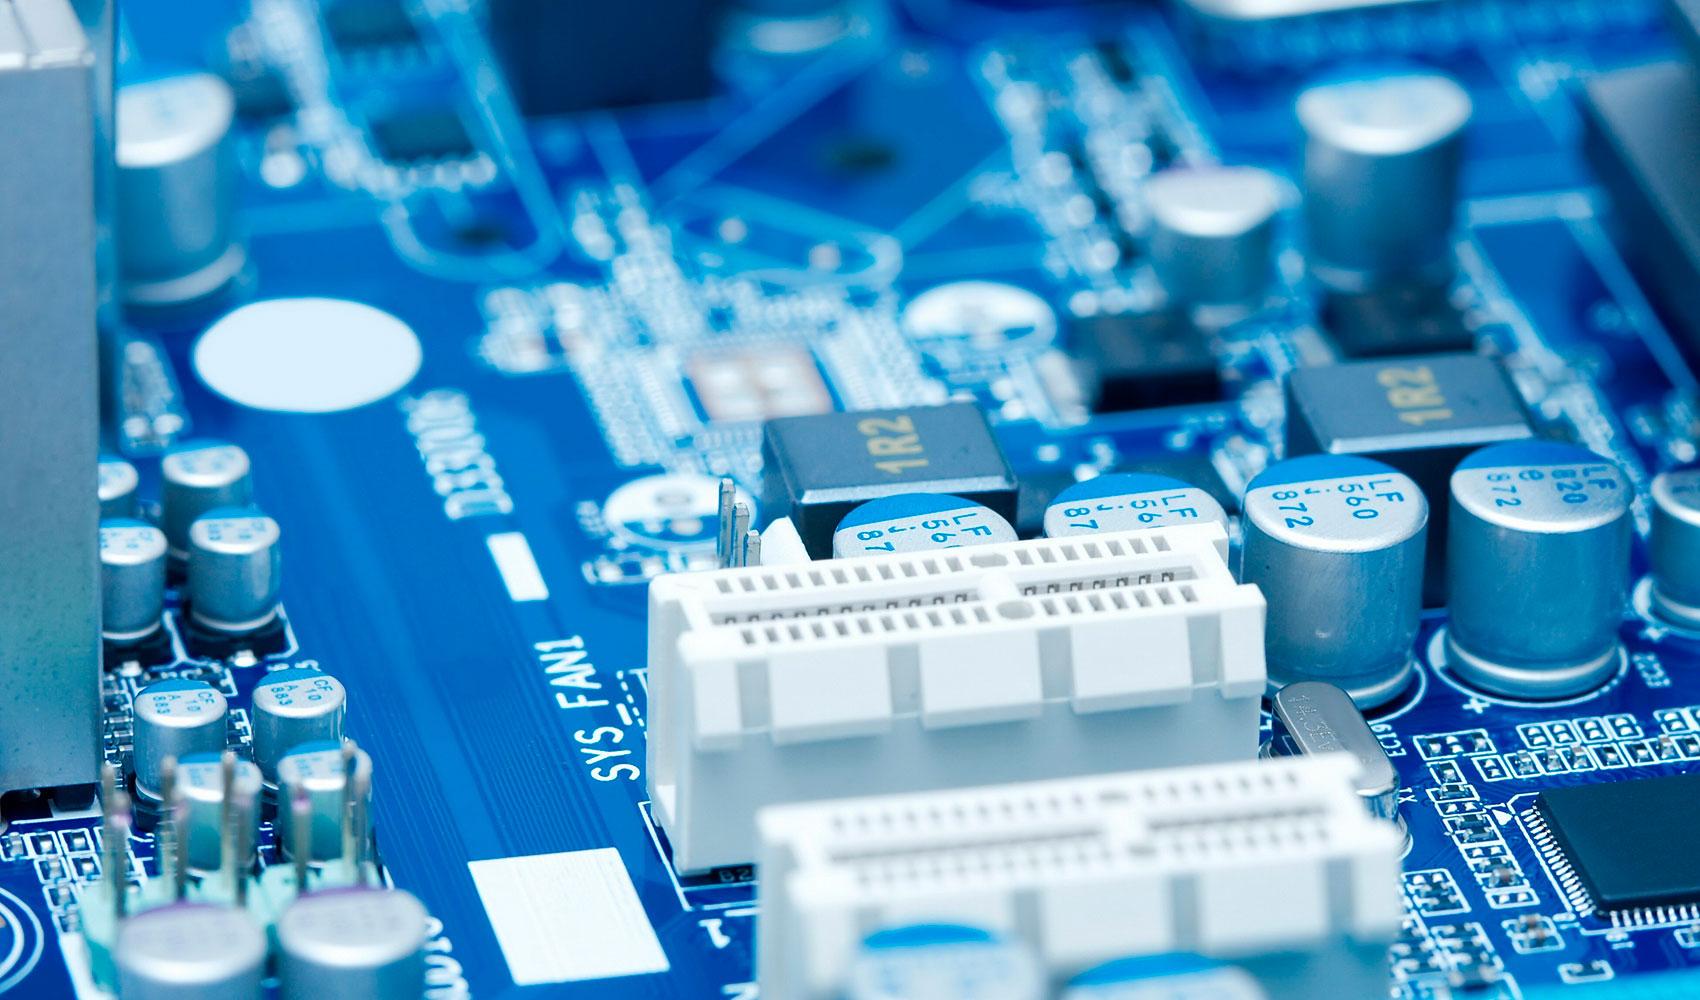 Componentes electrónicos para la nueva industria - Electrónica